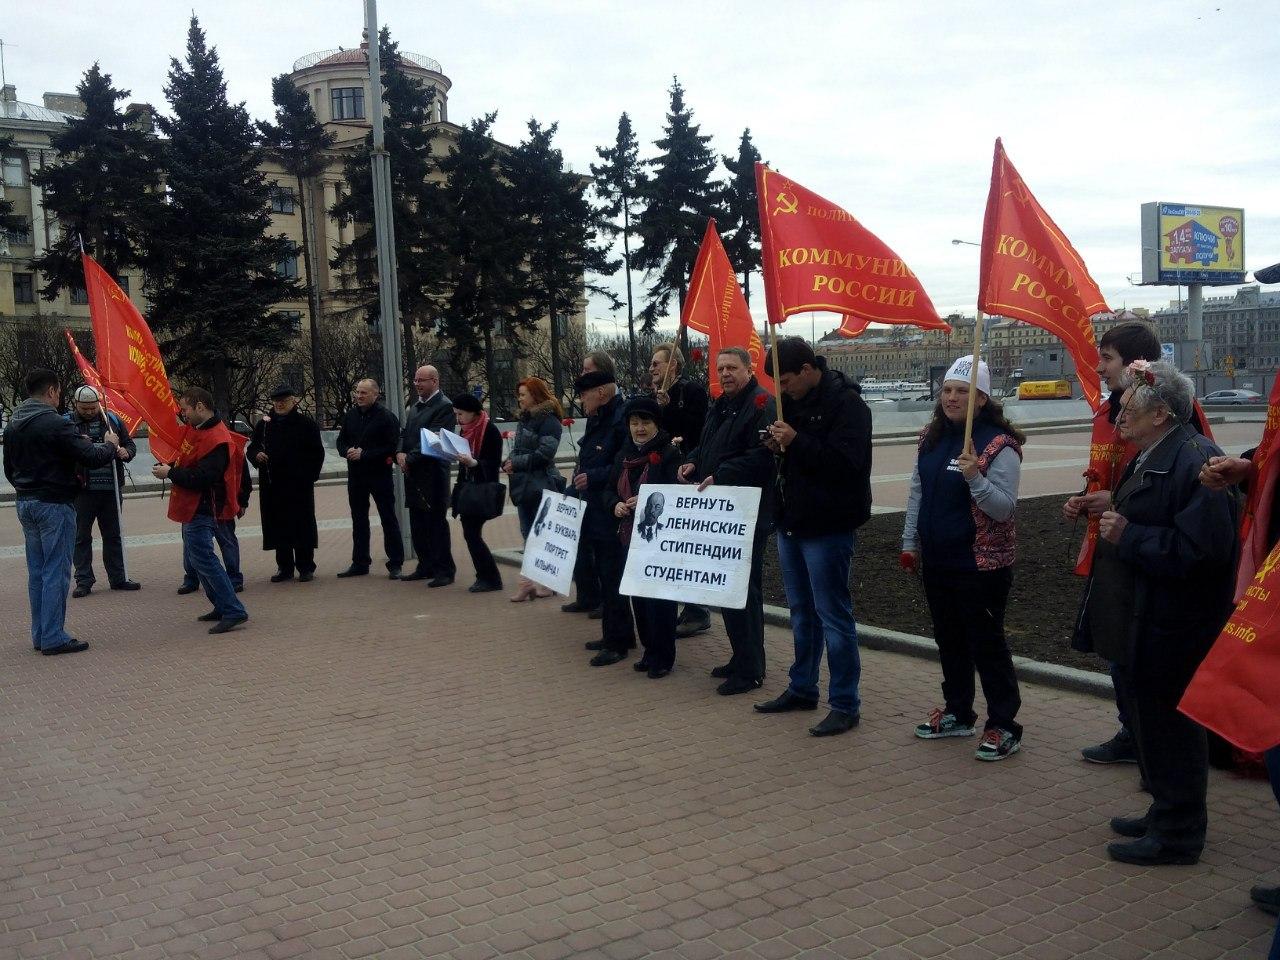 фото ЗакС политика «Коммунисты России» намерены требовать уголовного дела против главы ИКМО «Светлановское»